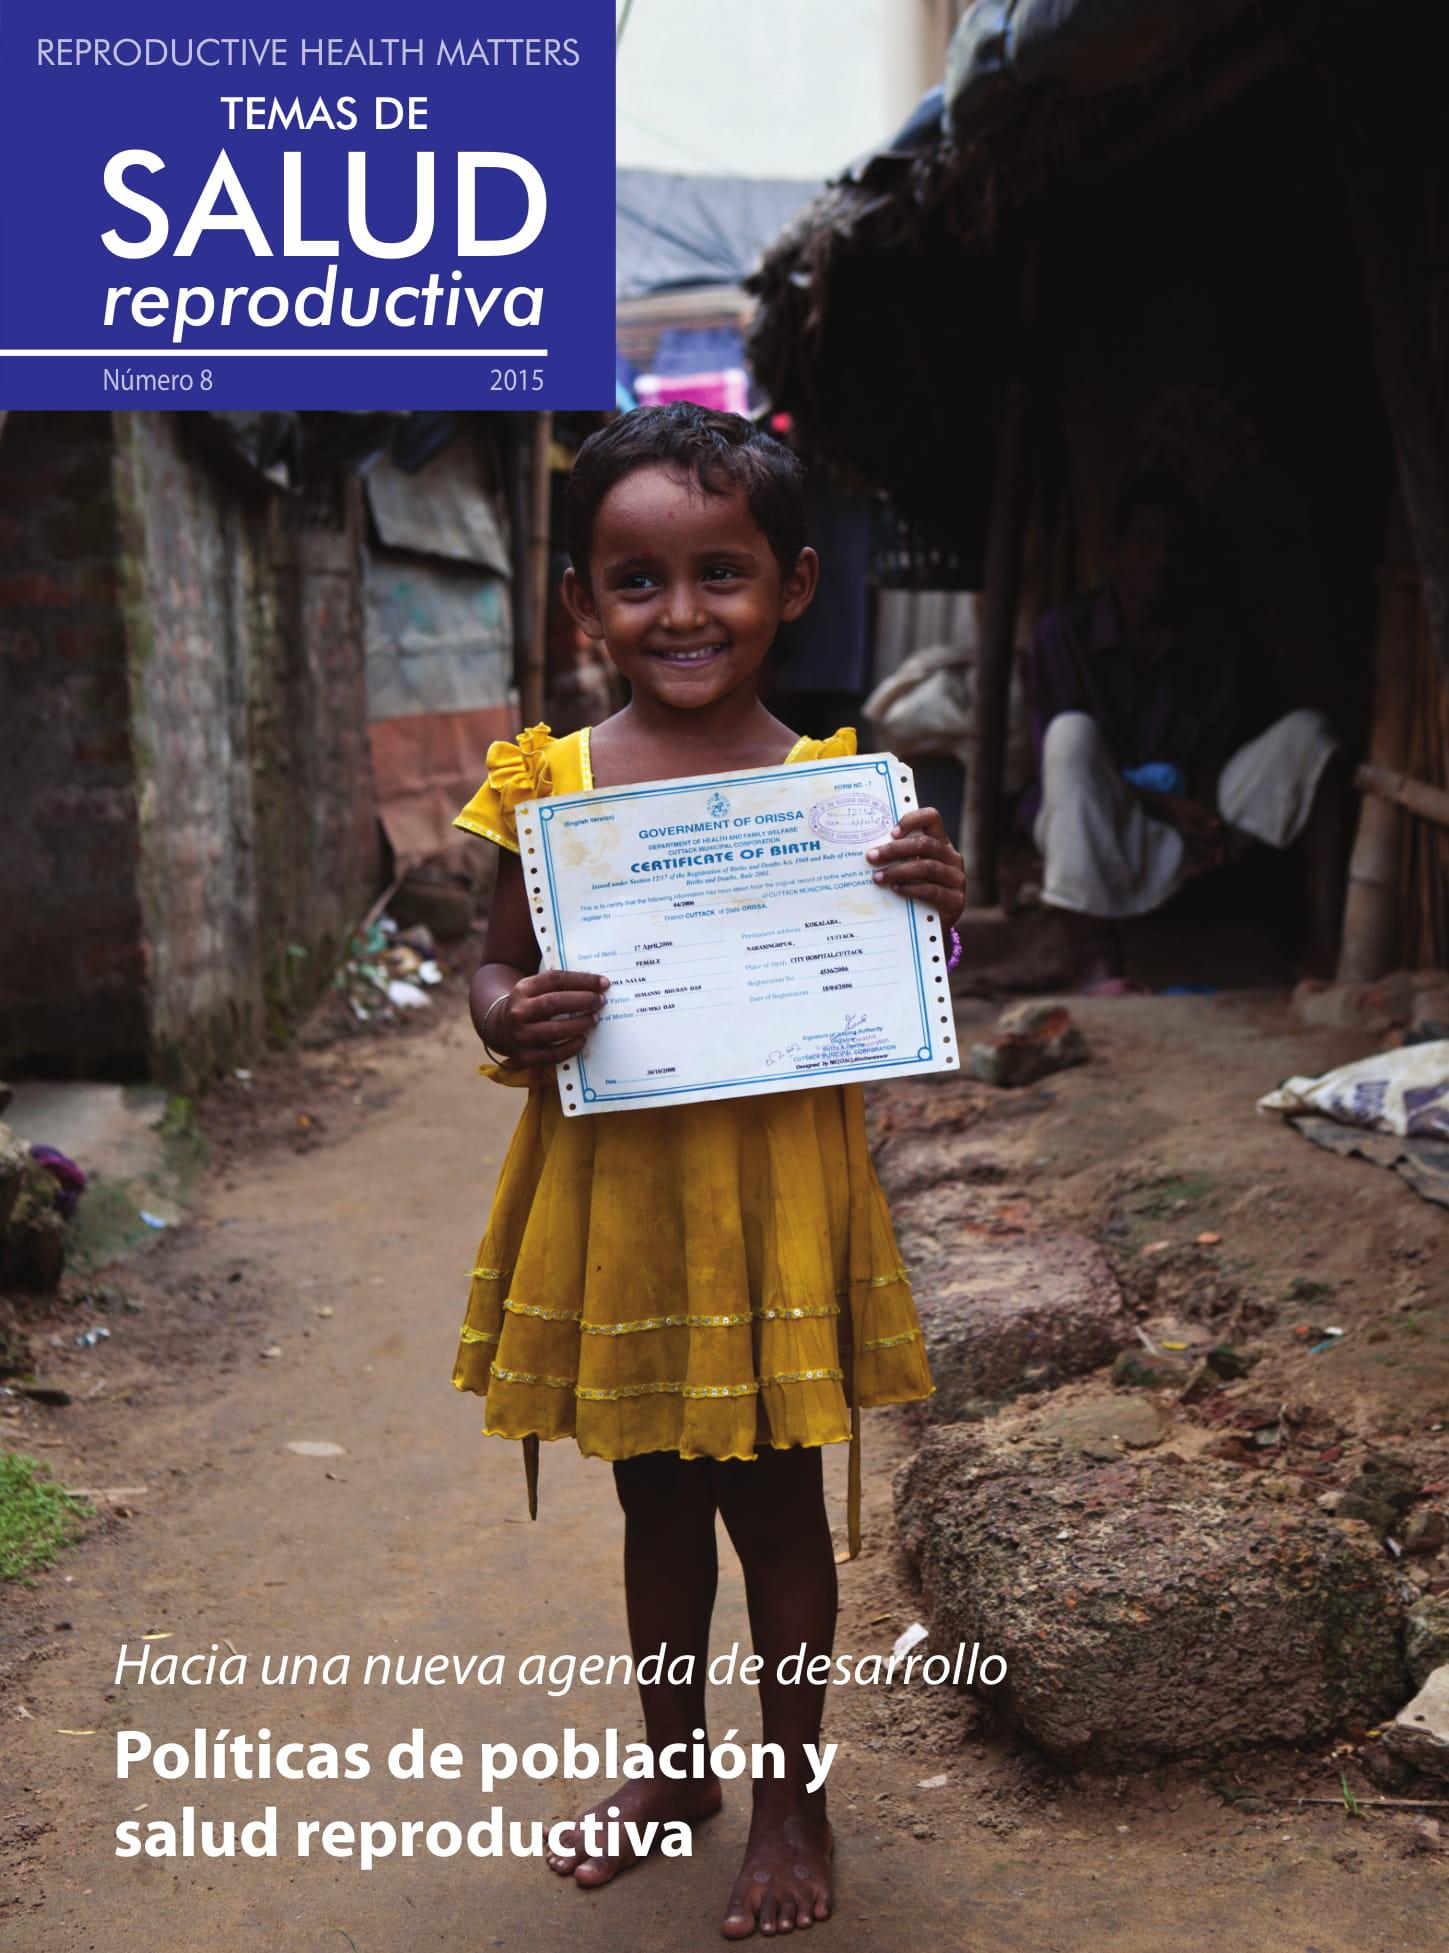 Hacia una nueva agenda de desarrollo Políticas de población y salud reproductiva